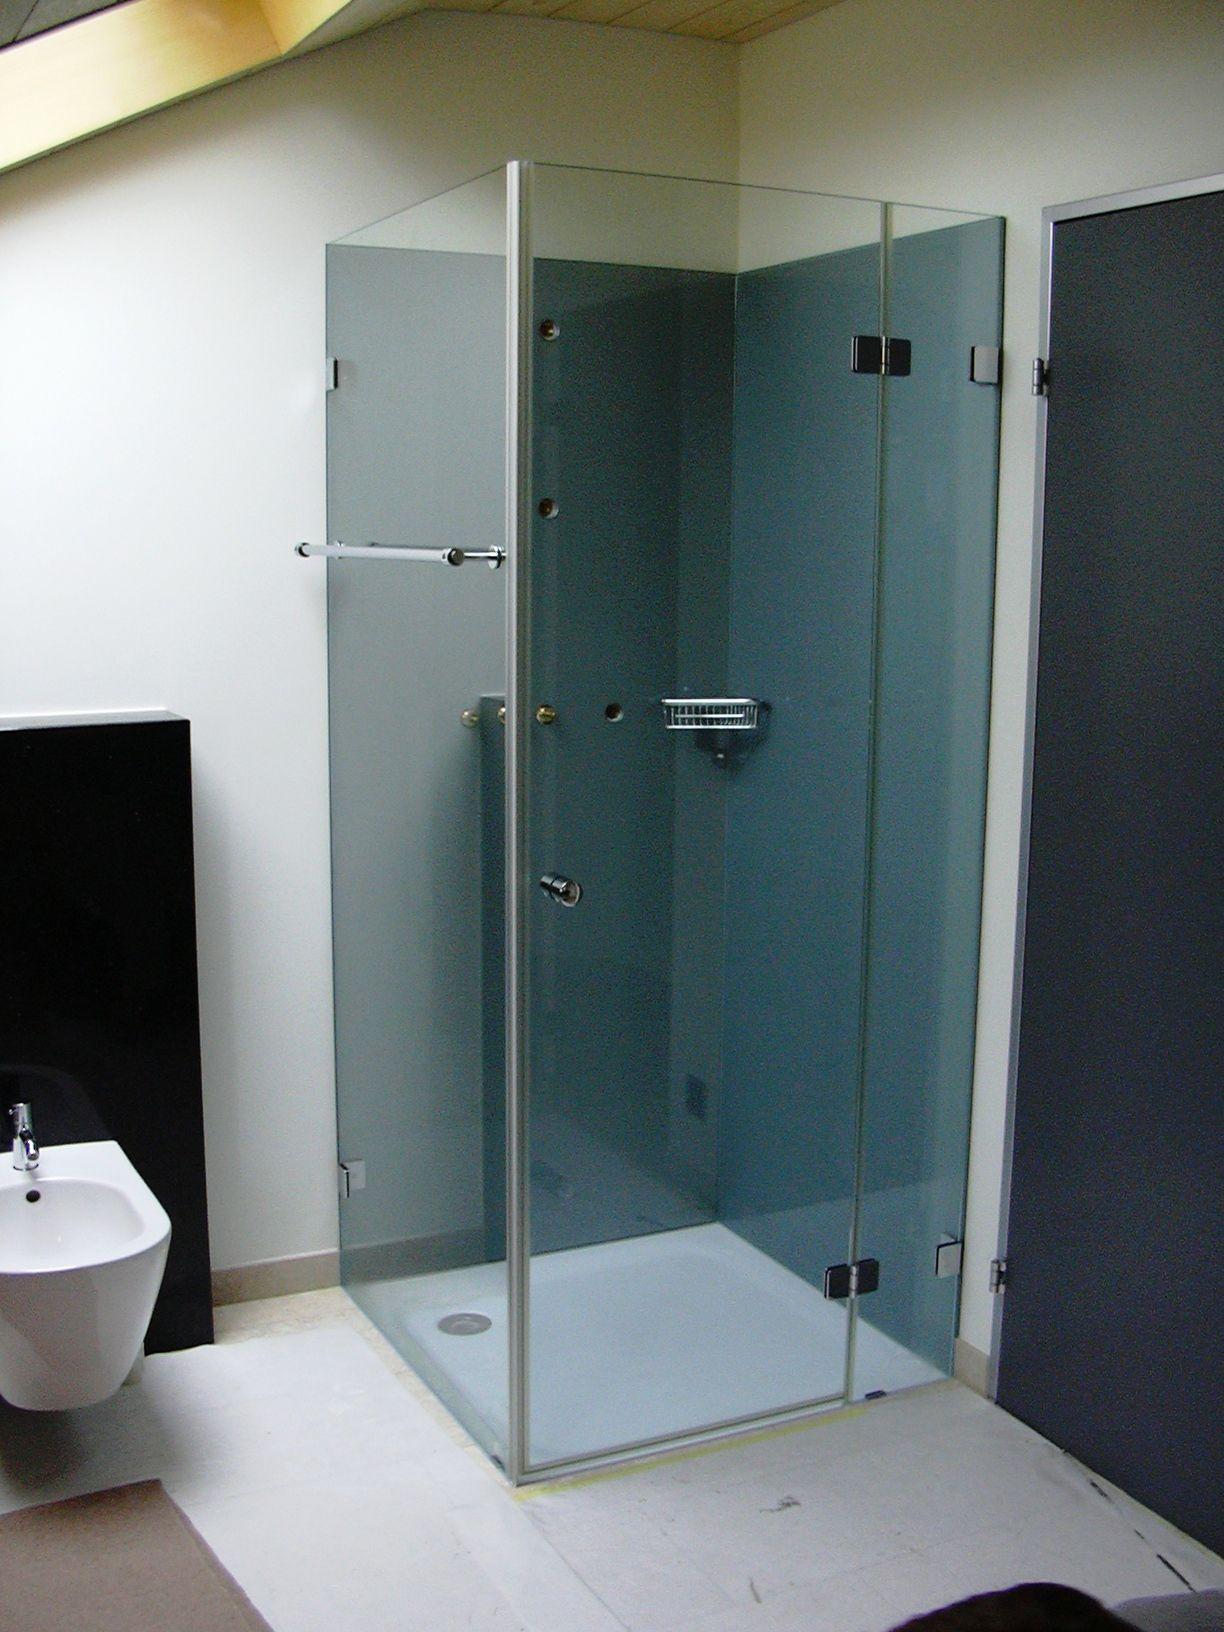 Badezimmer Aufwerten Und Verschonern In Mietwohnungen Teuscher Glasduschen Duschwand Glas Bad Renovieren Ohne Fliesen